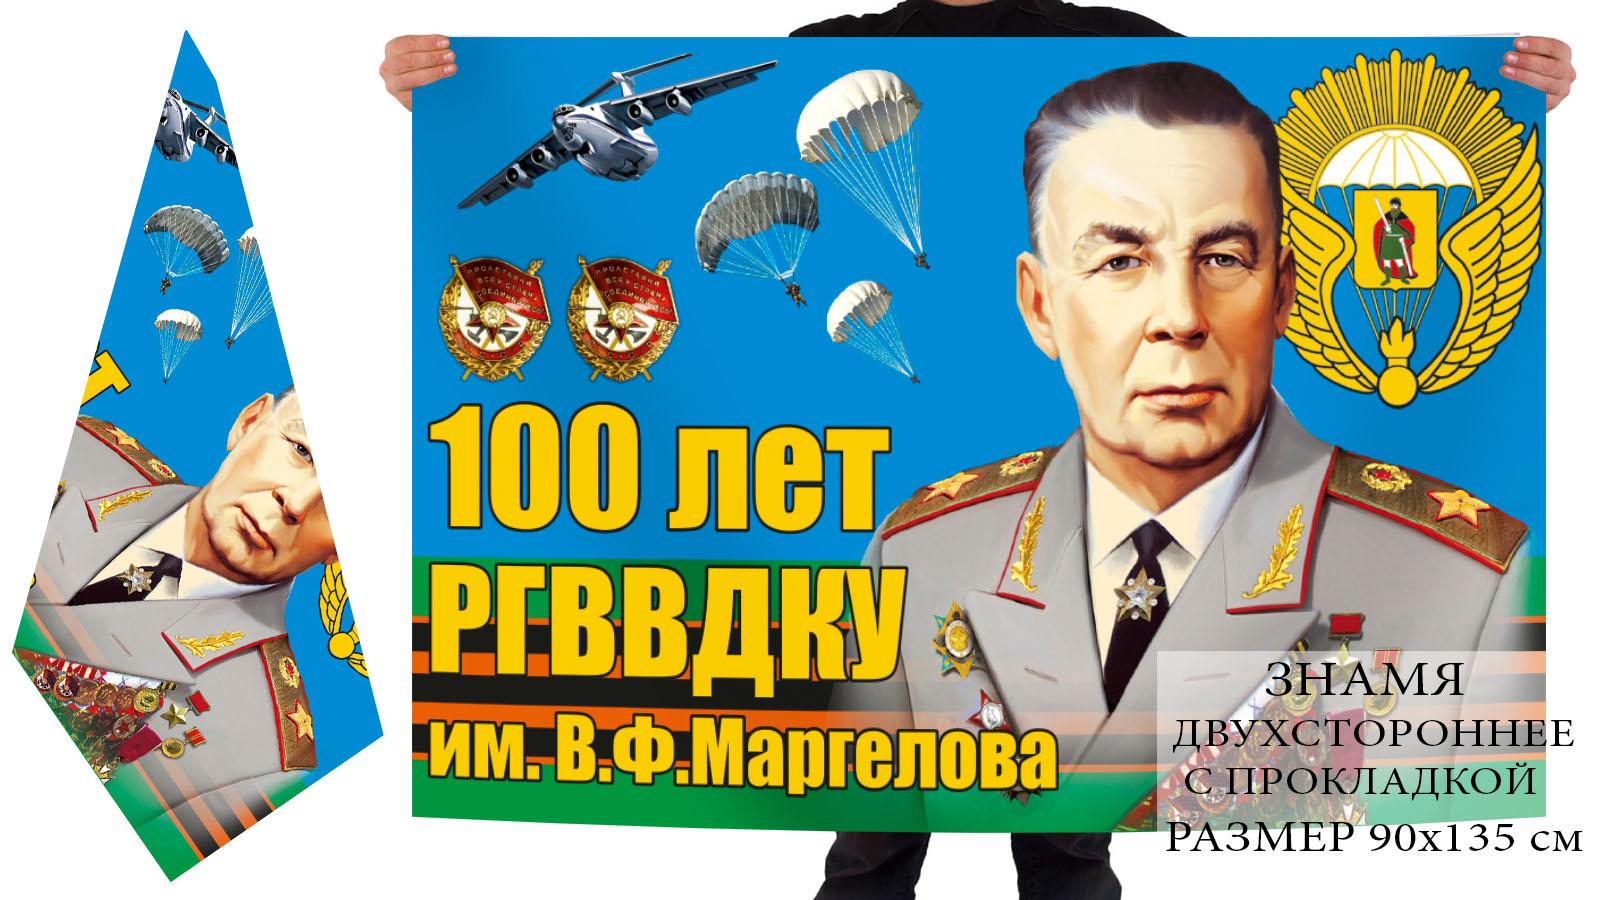 Красивый флаг РВВДКУ – особый формат к 100-летию училища